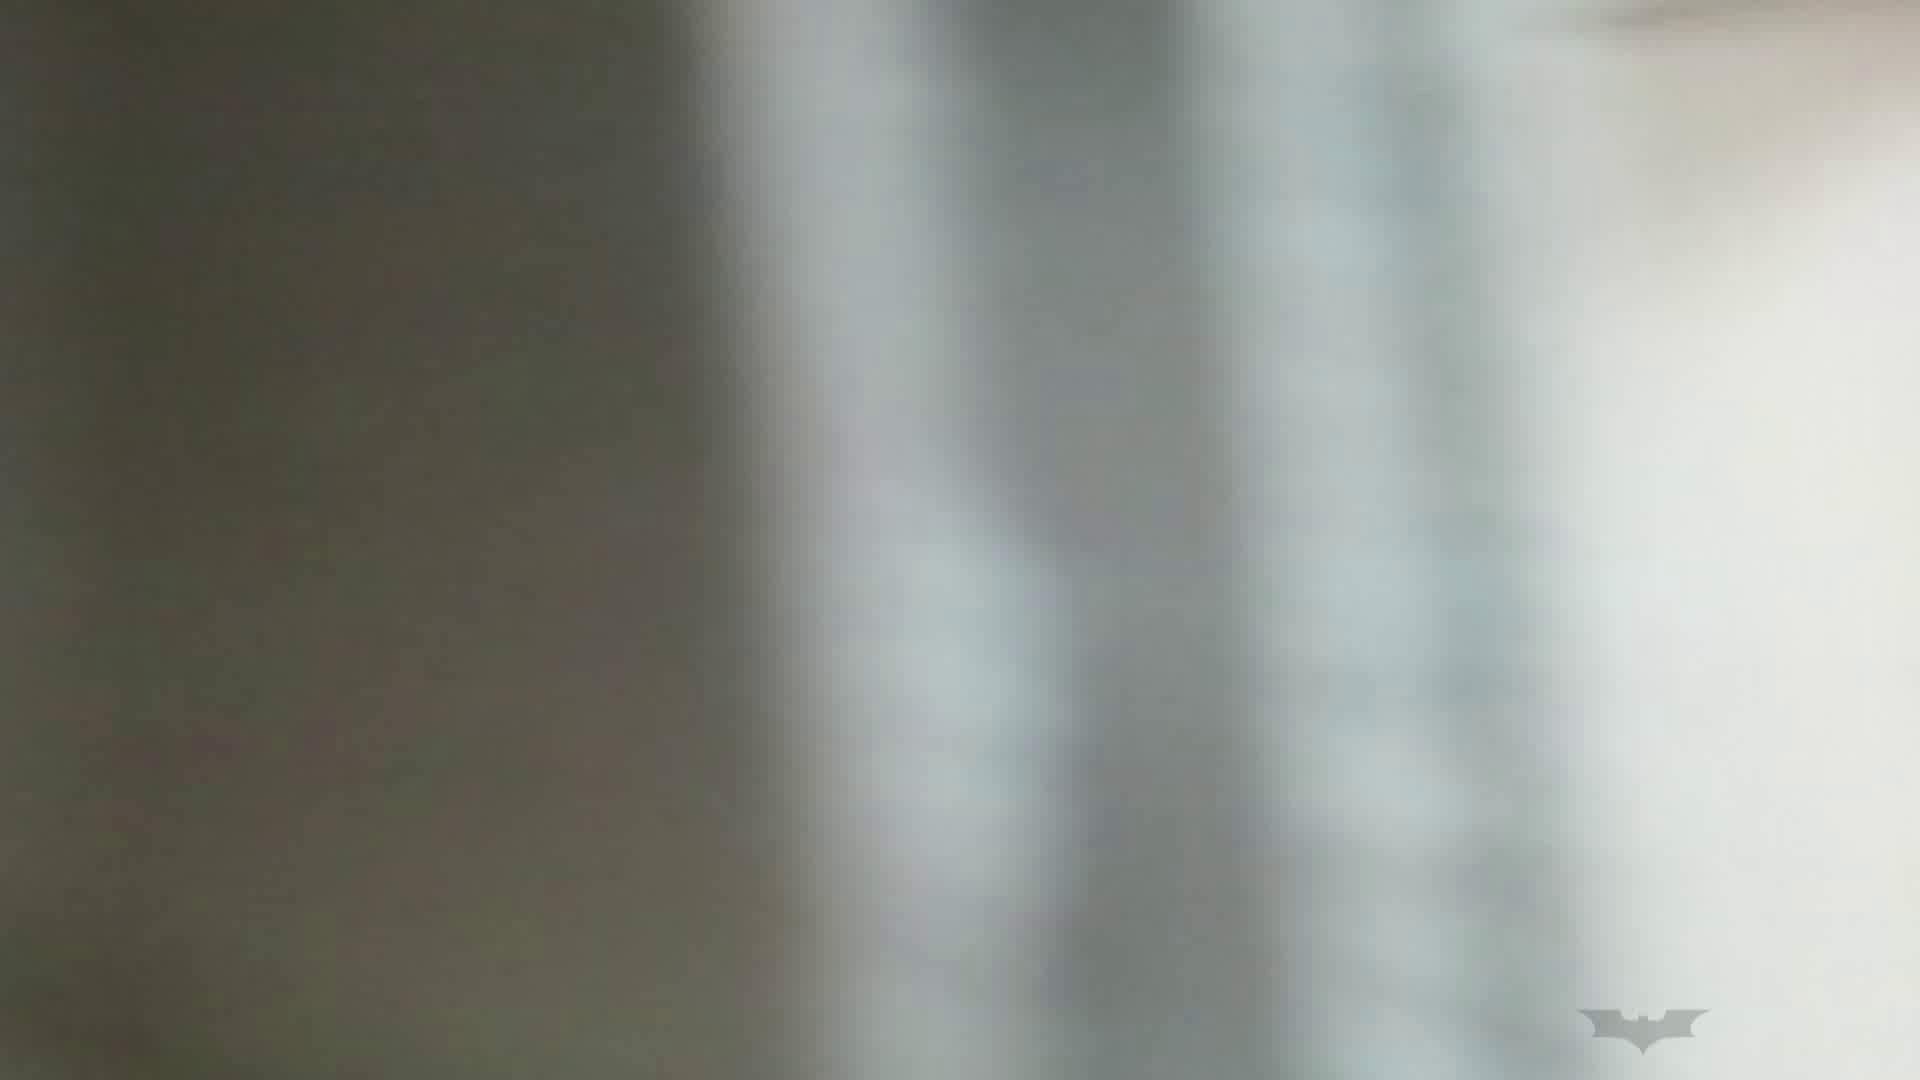 ▲復活限定D▲化粧室絵巻 駅舎編 VOL.03 おっと!ワカメ、多め。 盛合せ オマンコ無修正動画無料 79枚 7